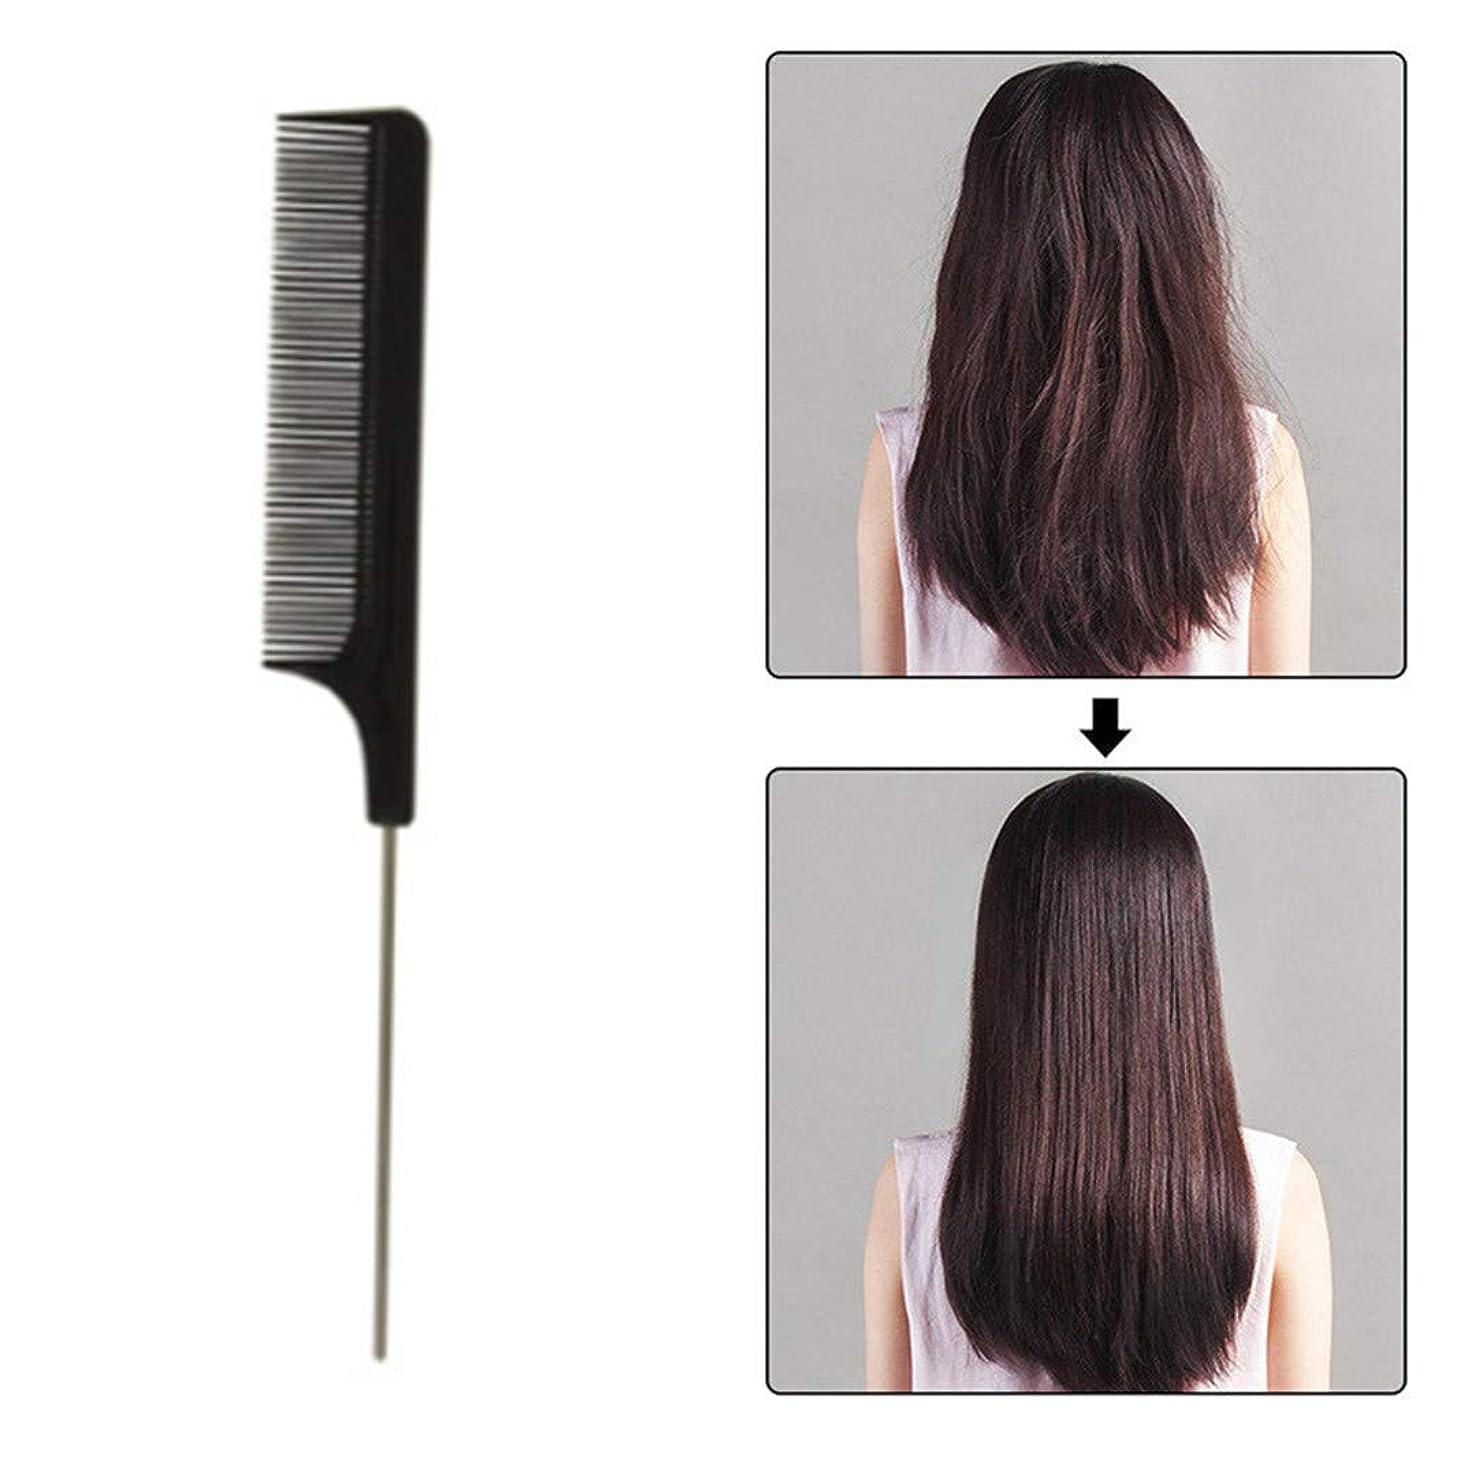 ビタミンセラフ政権Underleaf 黒の細かい櫛の金属ピン帯電防止ヘアスタイルの櫛のヘアスタイリング美容ツール